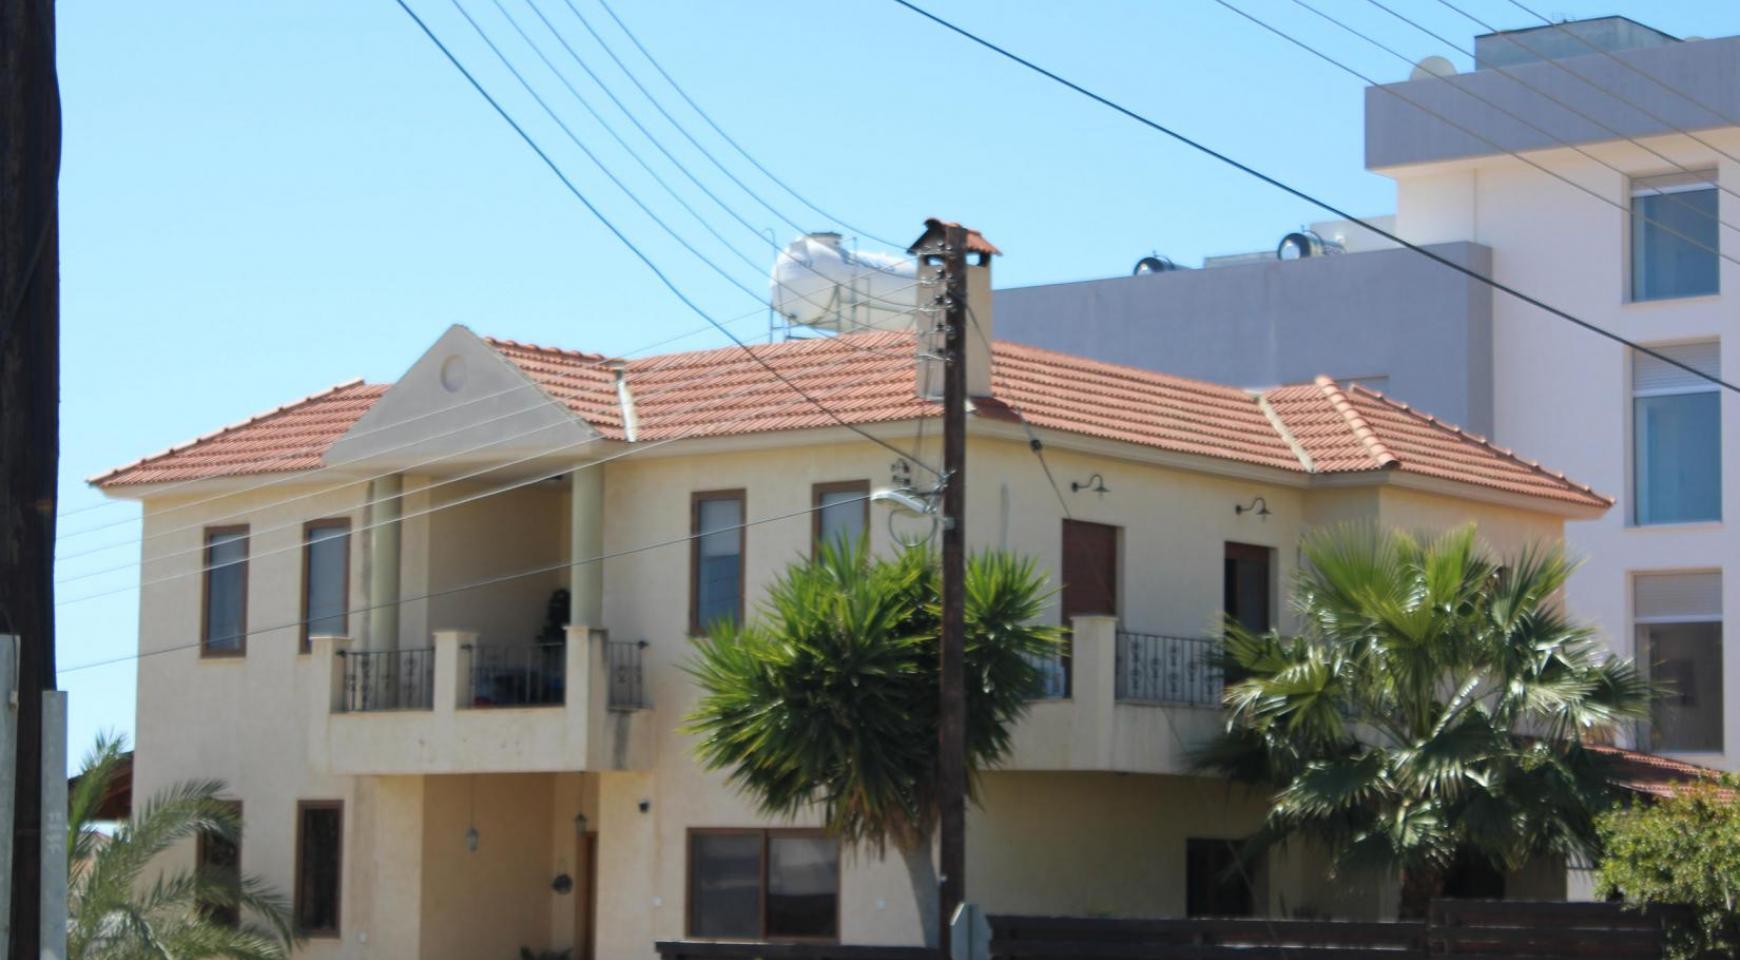 Spacious 5 Bedroom House in Agios Athanasios Area - 1